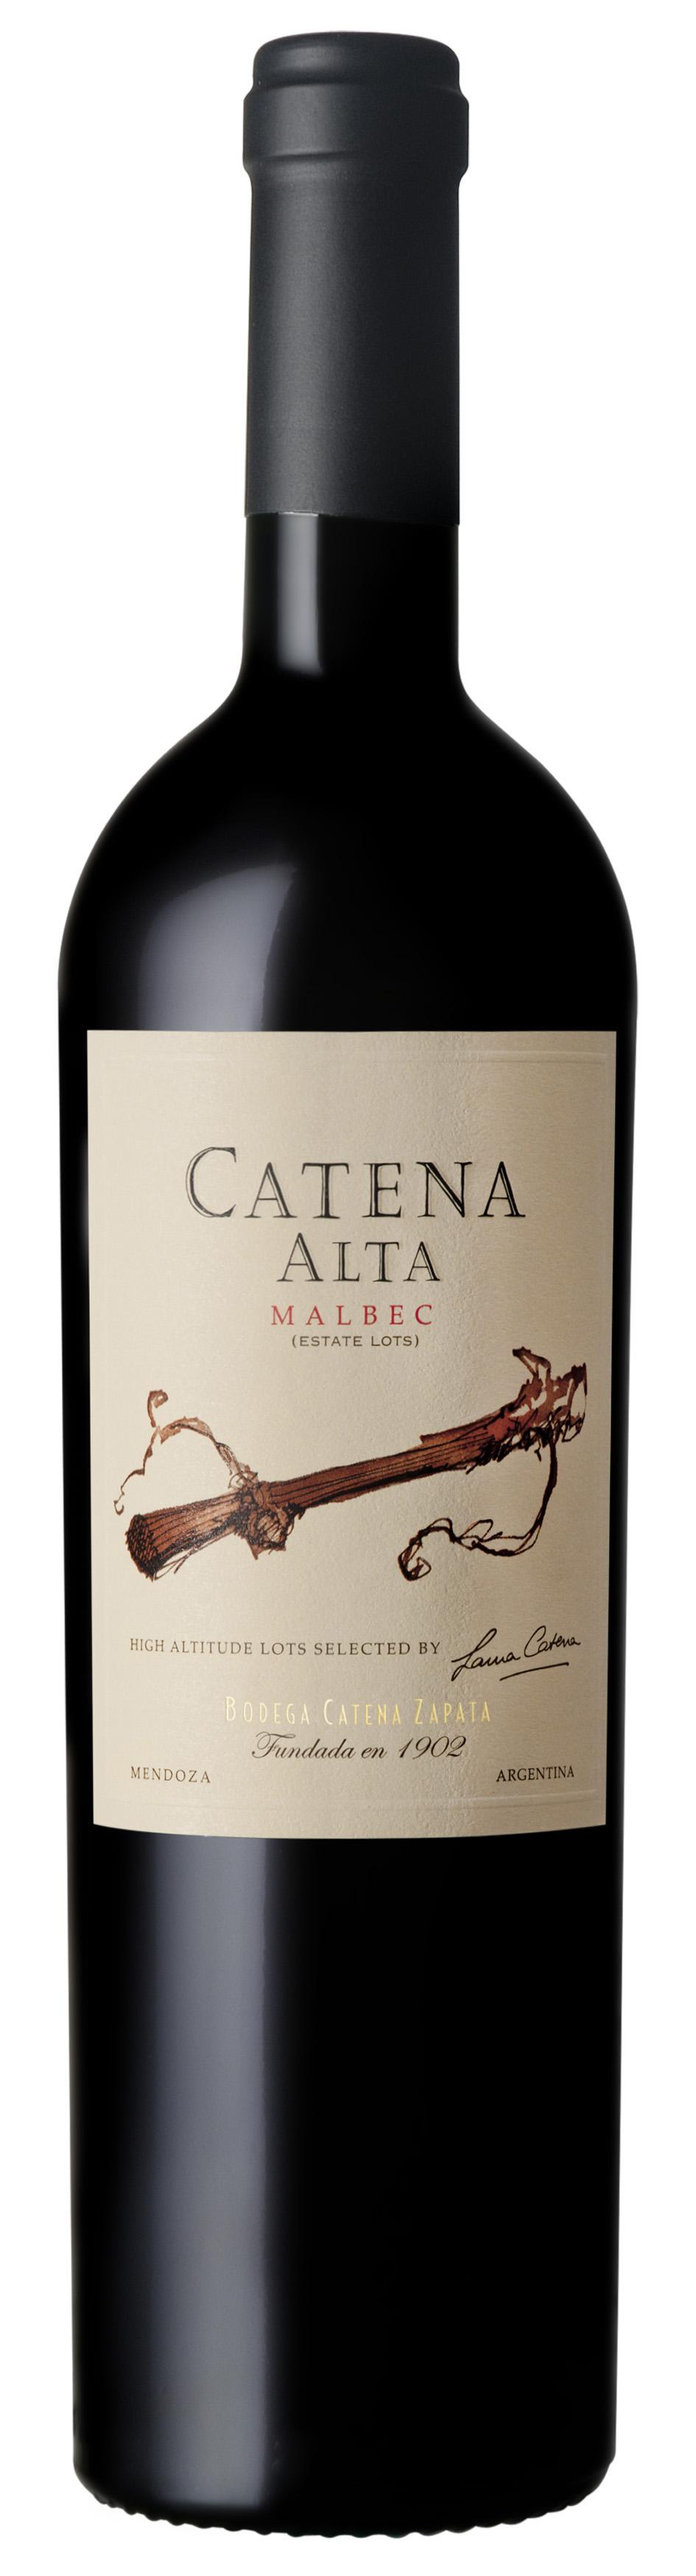 Catena Alta Malbec 2008